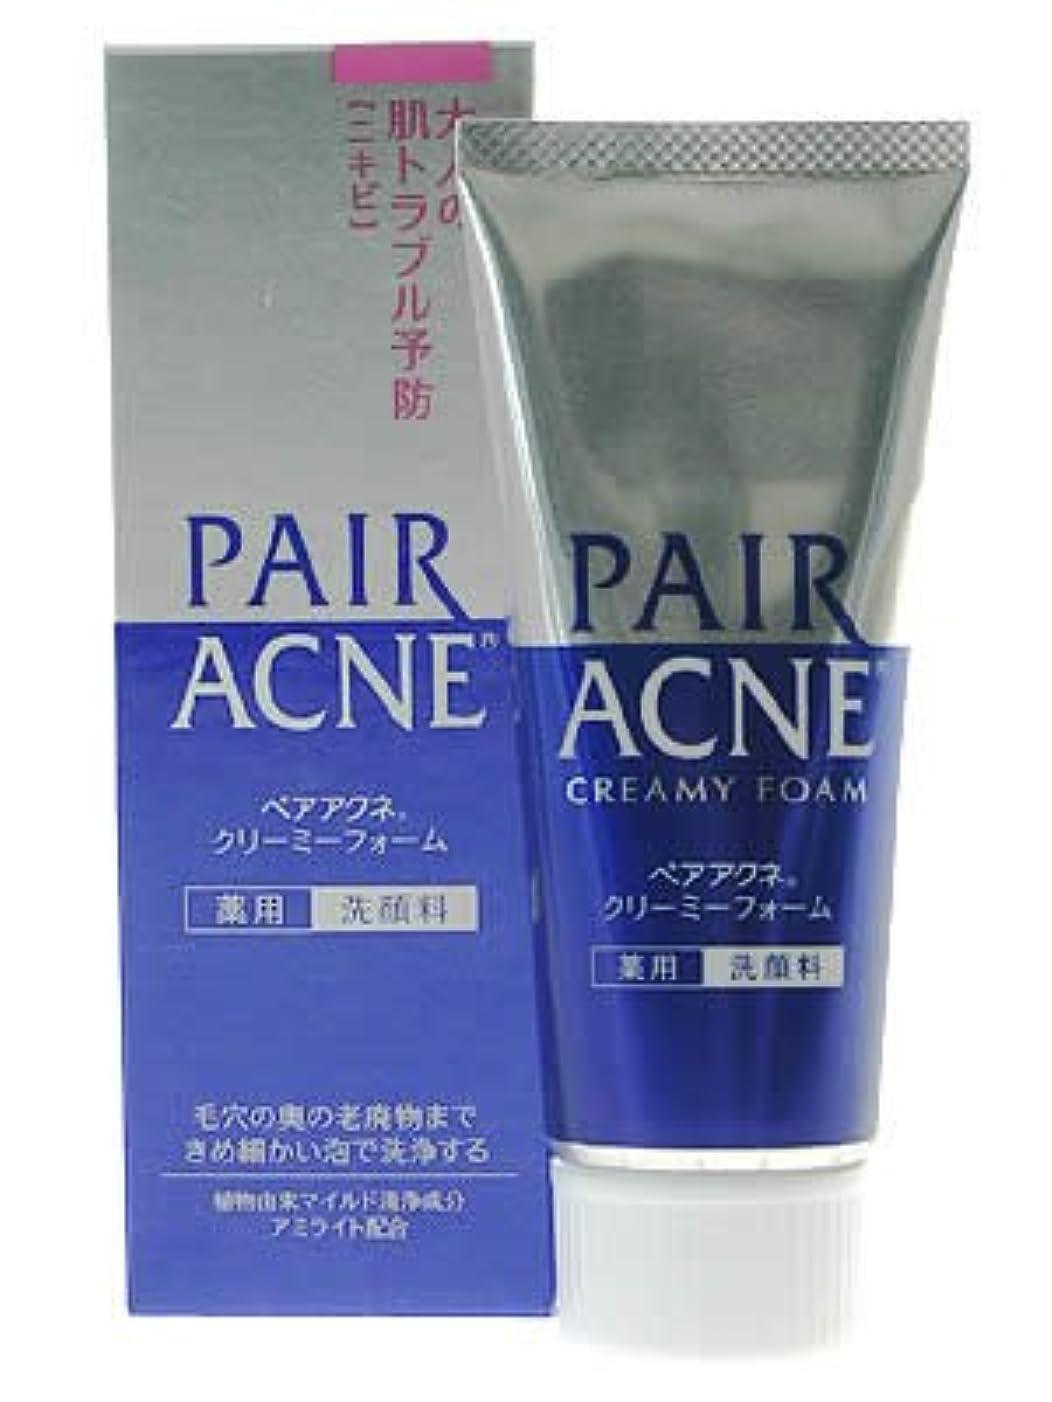 言う容量中級ペアアクネ クリーミーフォーム 薬用洗顔料 80g(医薬部外品)